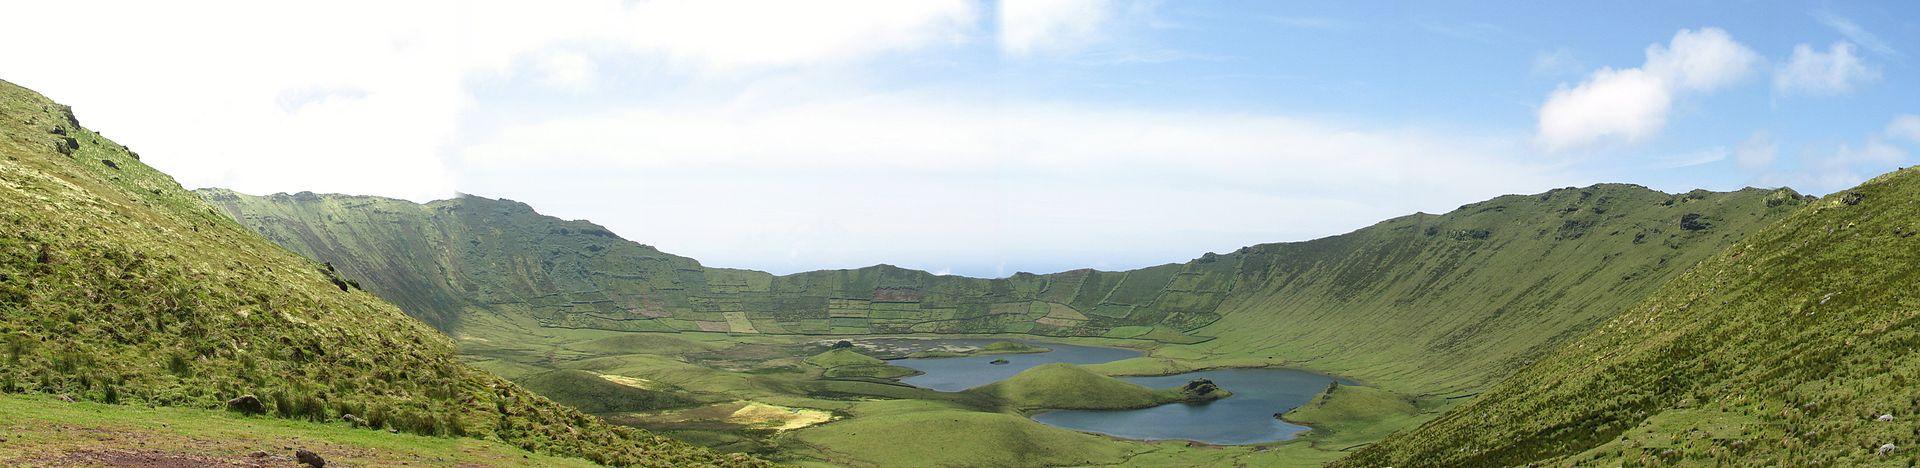 Caldeirão Do Corvo, Azores, Portugal